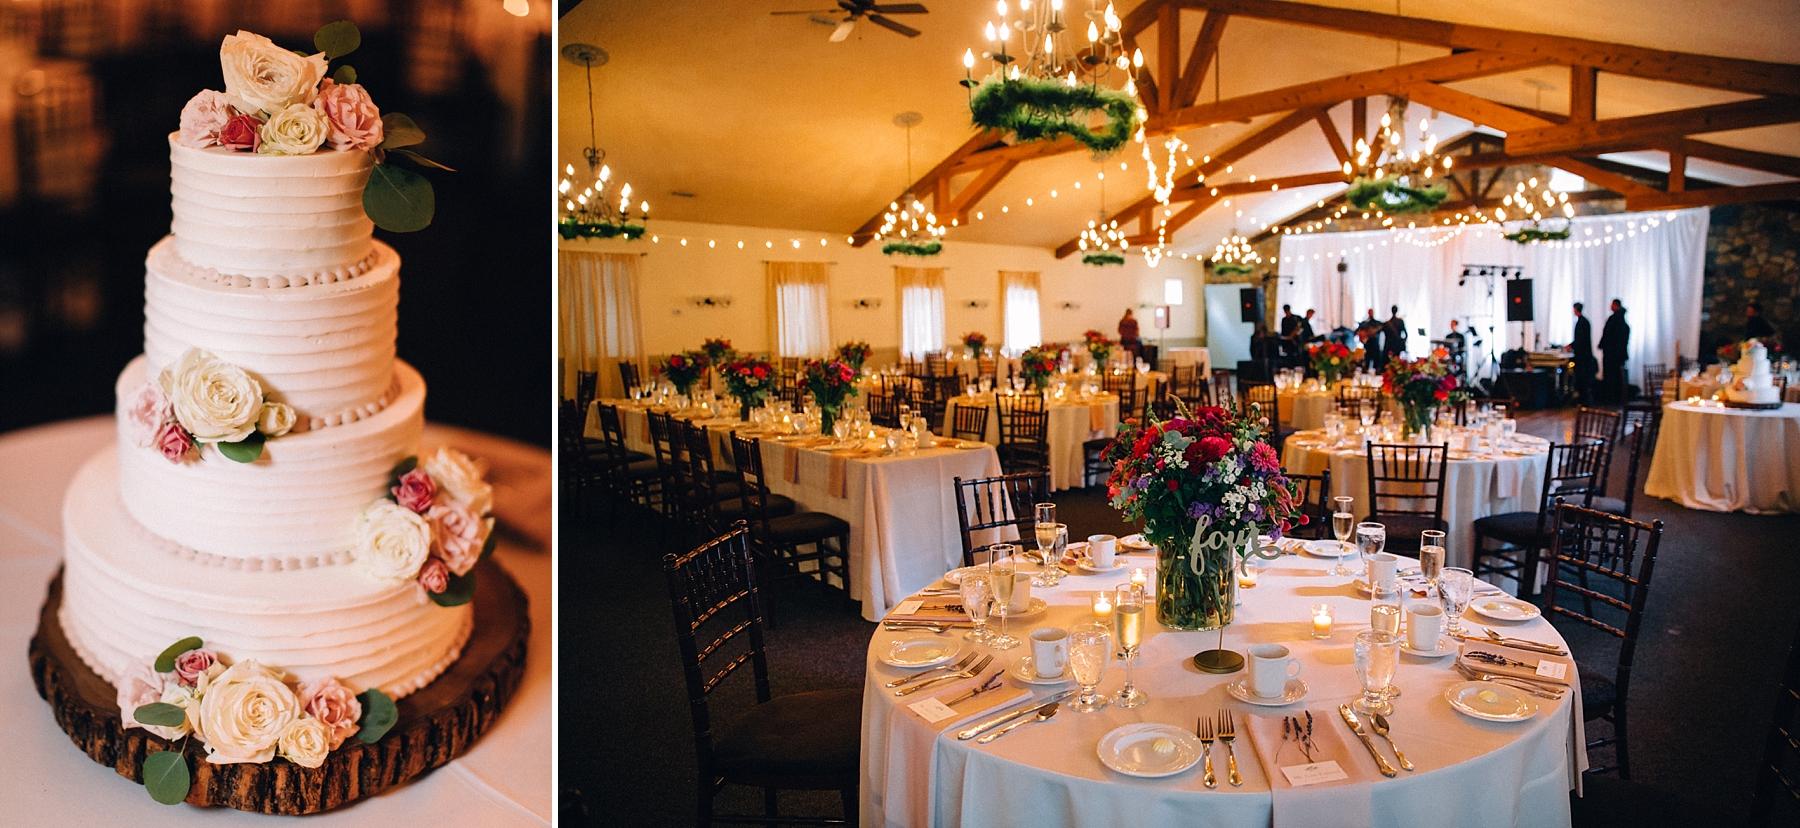 childhood-home-wedding-new-hope-pa-lambertville-nj_0070.jpg